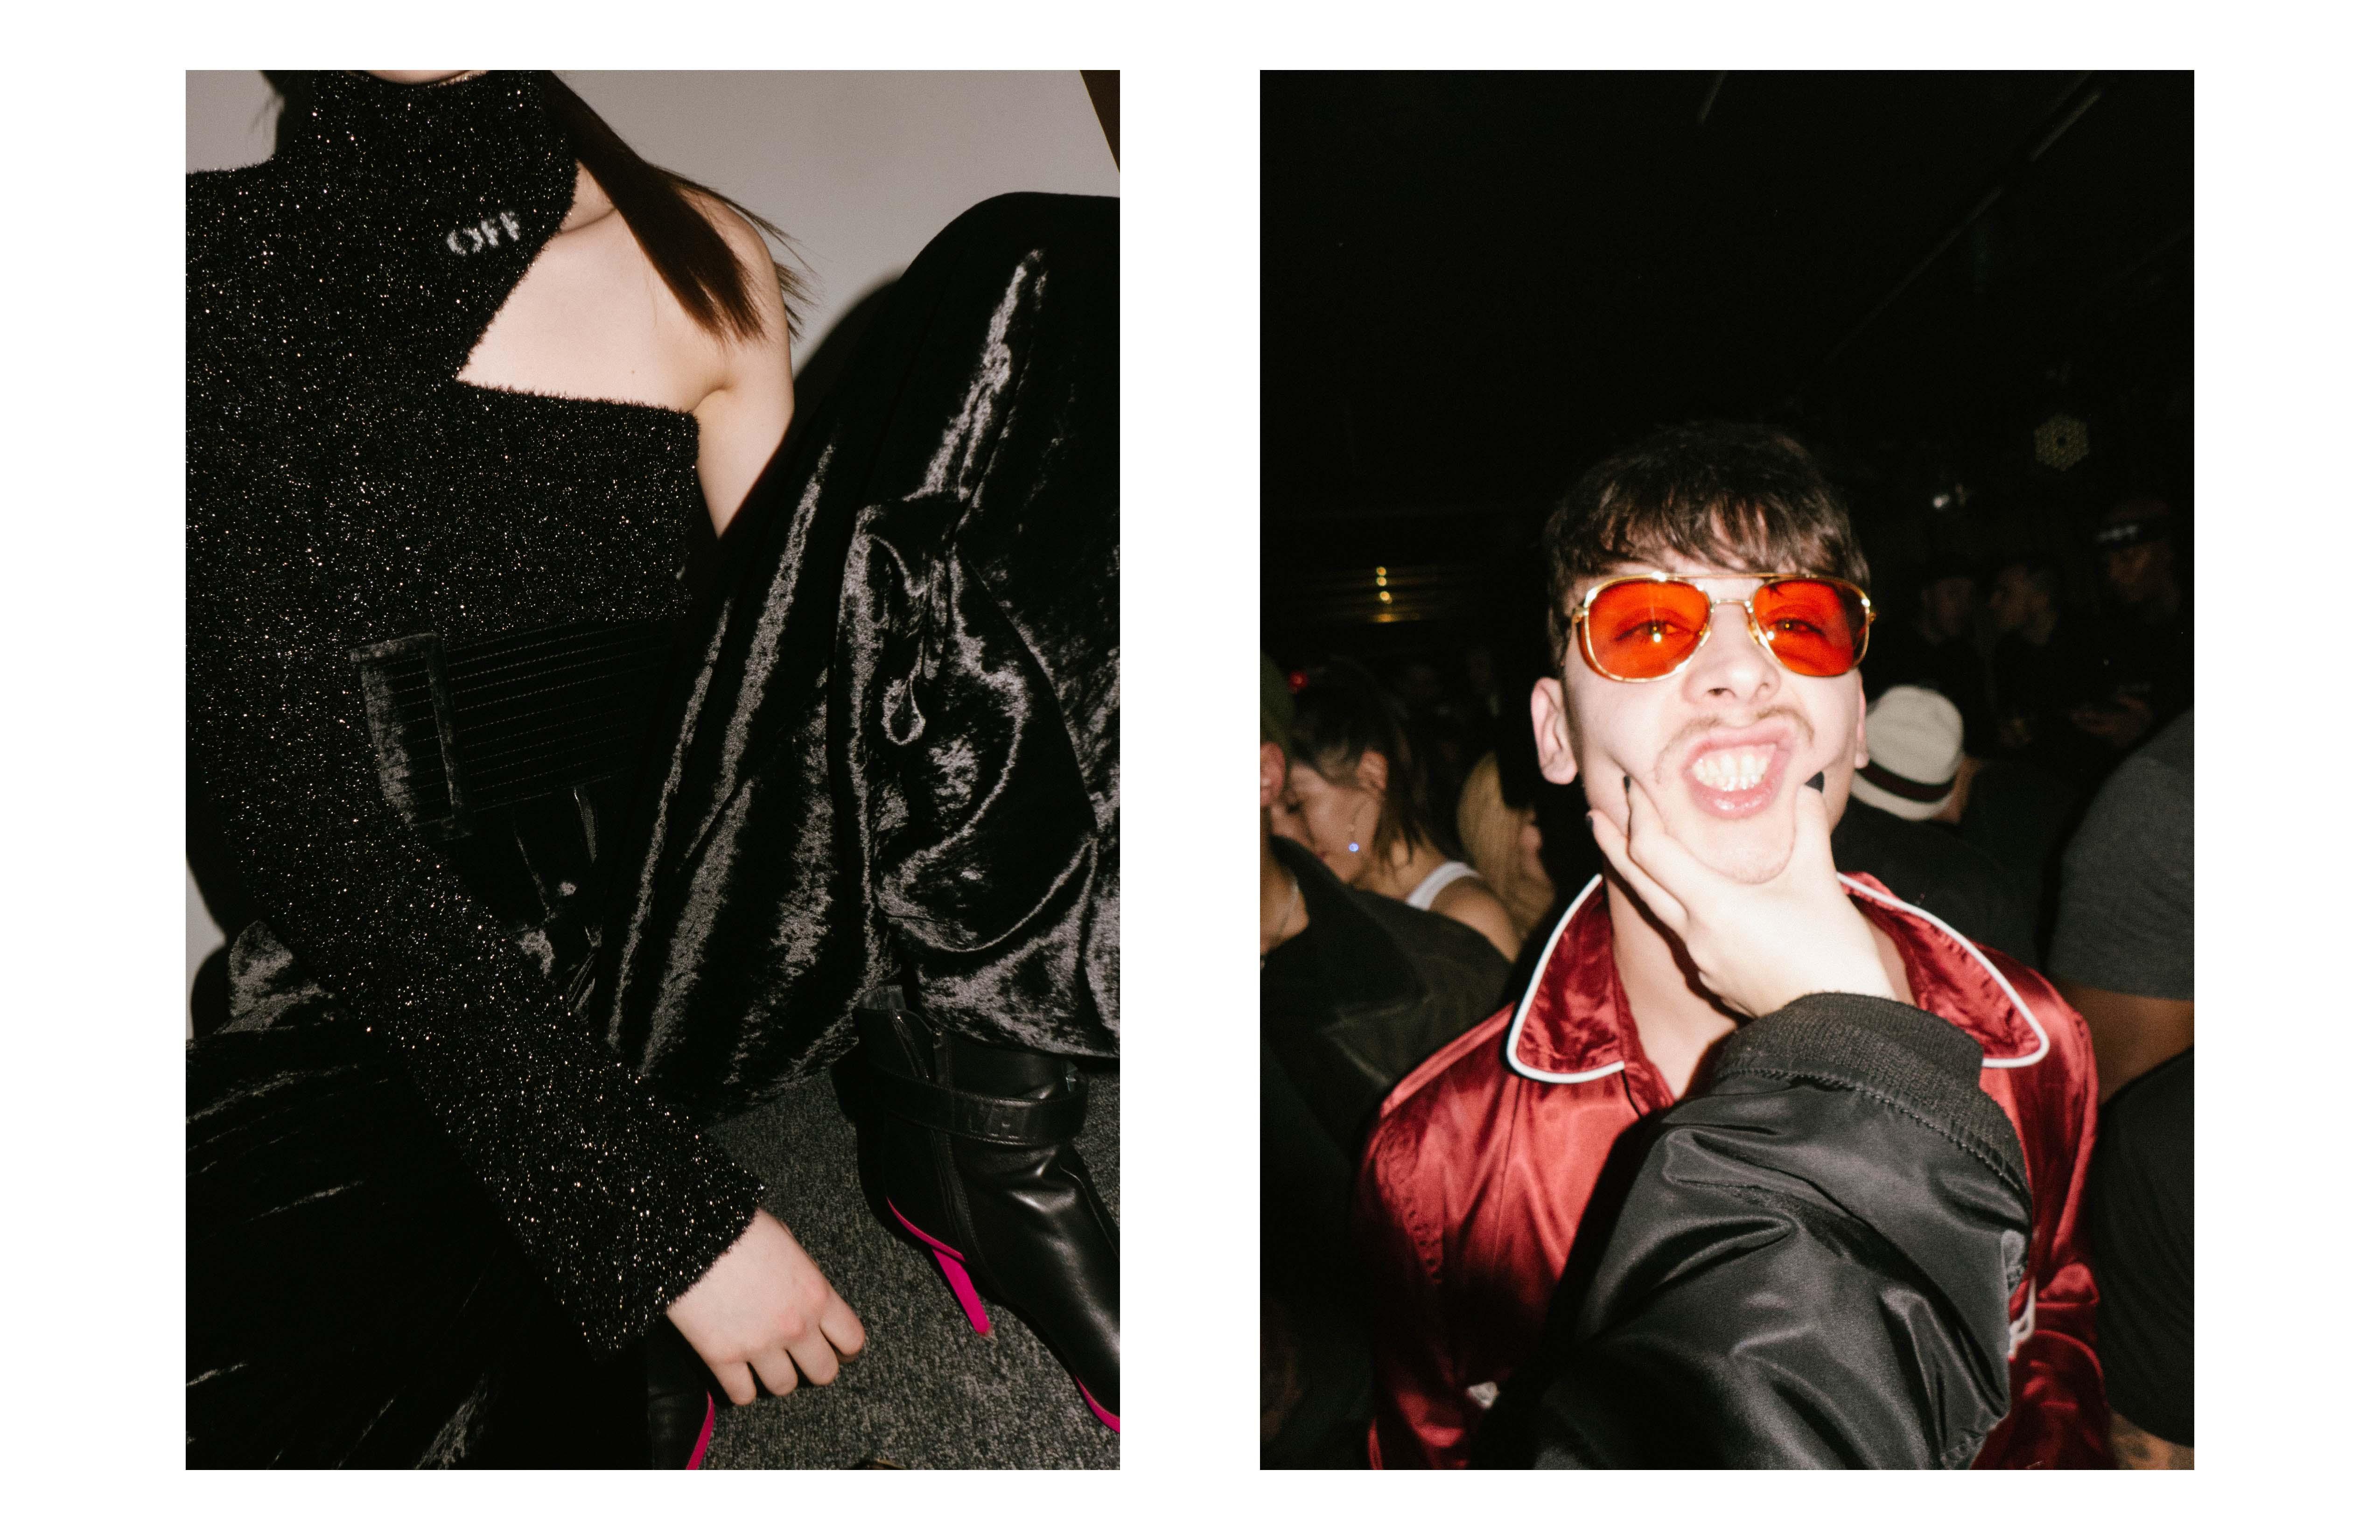 De gauche à droite : les backstages du défilé Off-White, Mago Dovjenko